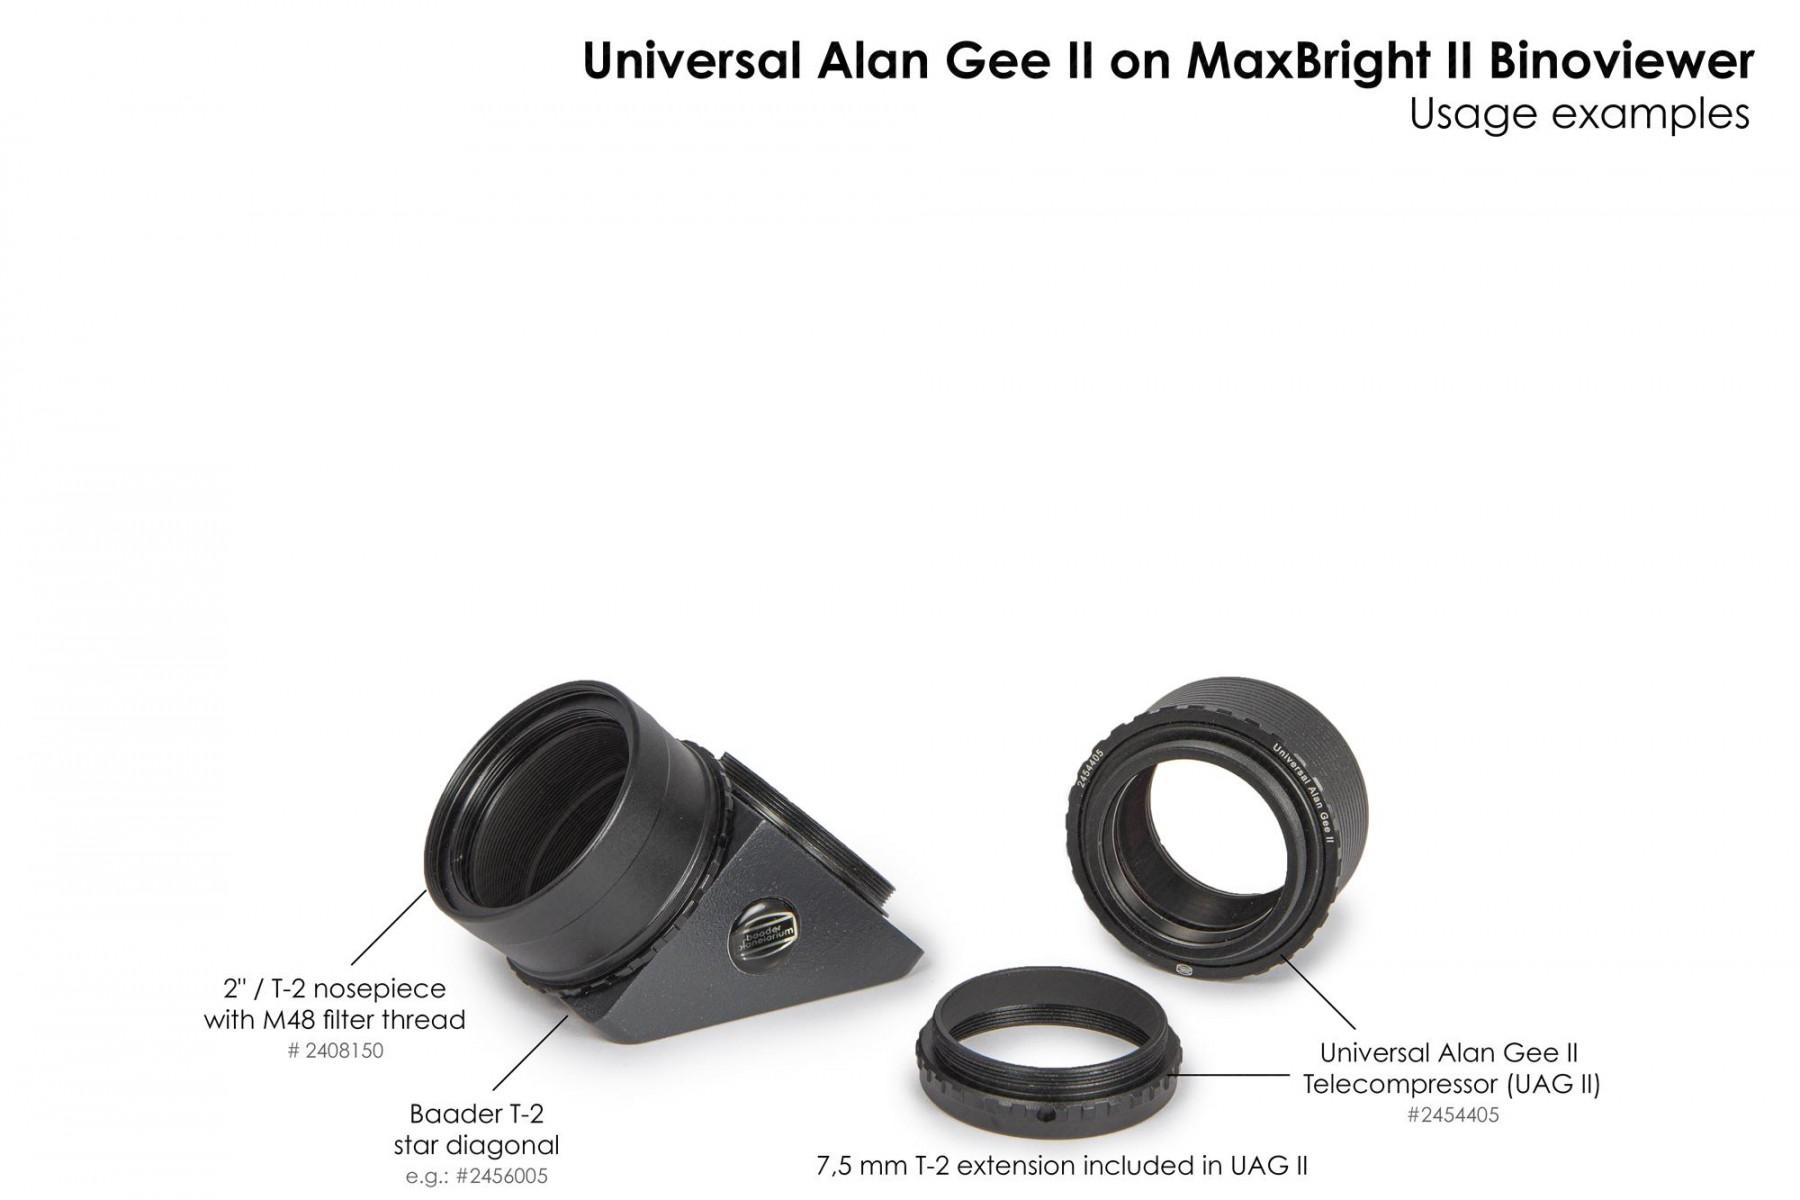 """Anwendungsbild: Universal Alan Gee II - Maxbright SetUp mit 2454405 Universal Alan Gee II #2454405,  2"""" / T-2 Steckanschluss mit M48 Außengewinde #2408150 und T-2 Zenitprisma #2456005"""